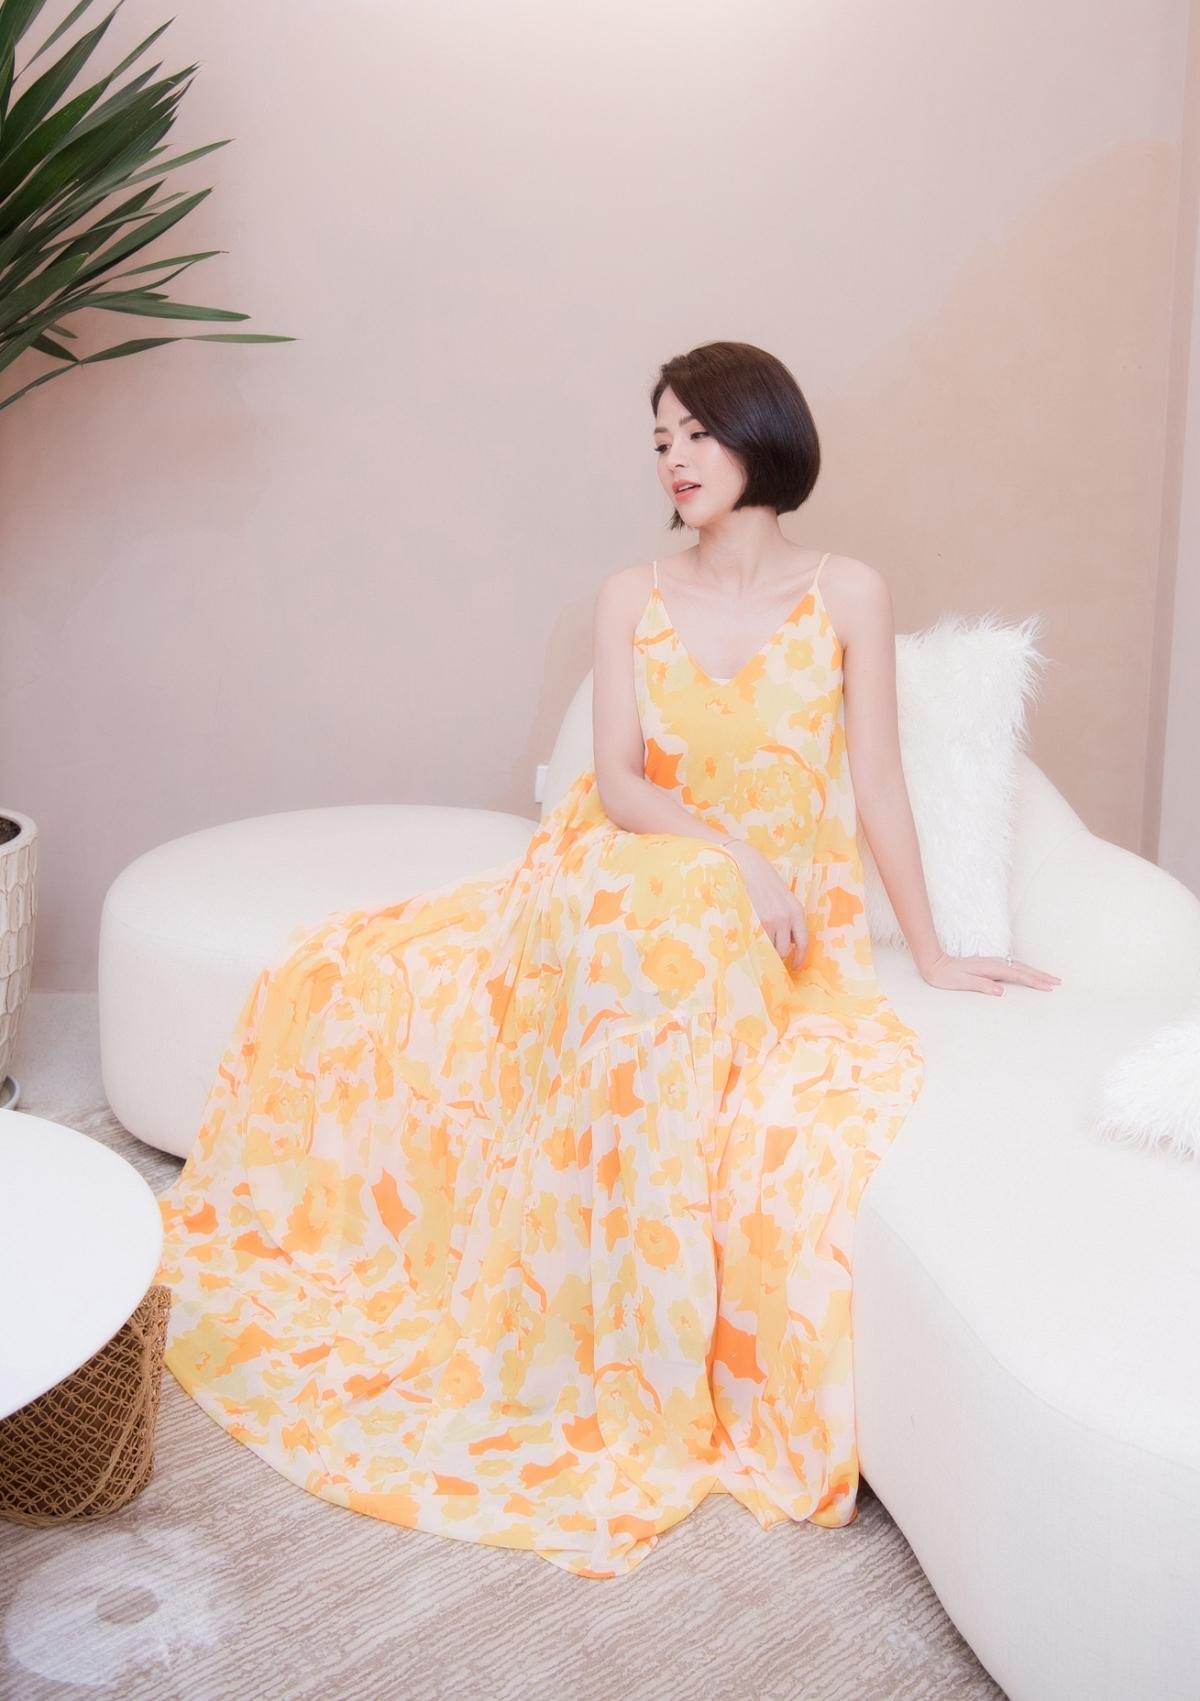 Nhờ vậy mà thời gian gần đây cô liên tục nhận được nhiều lời mời tham gia các sự kiện và thường xuyên xuất hiện trong những bộ trang phục lộng lẫy.